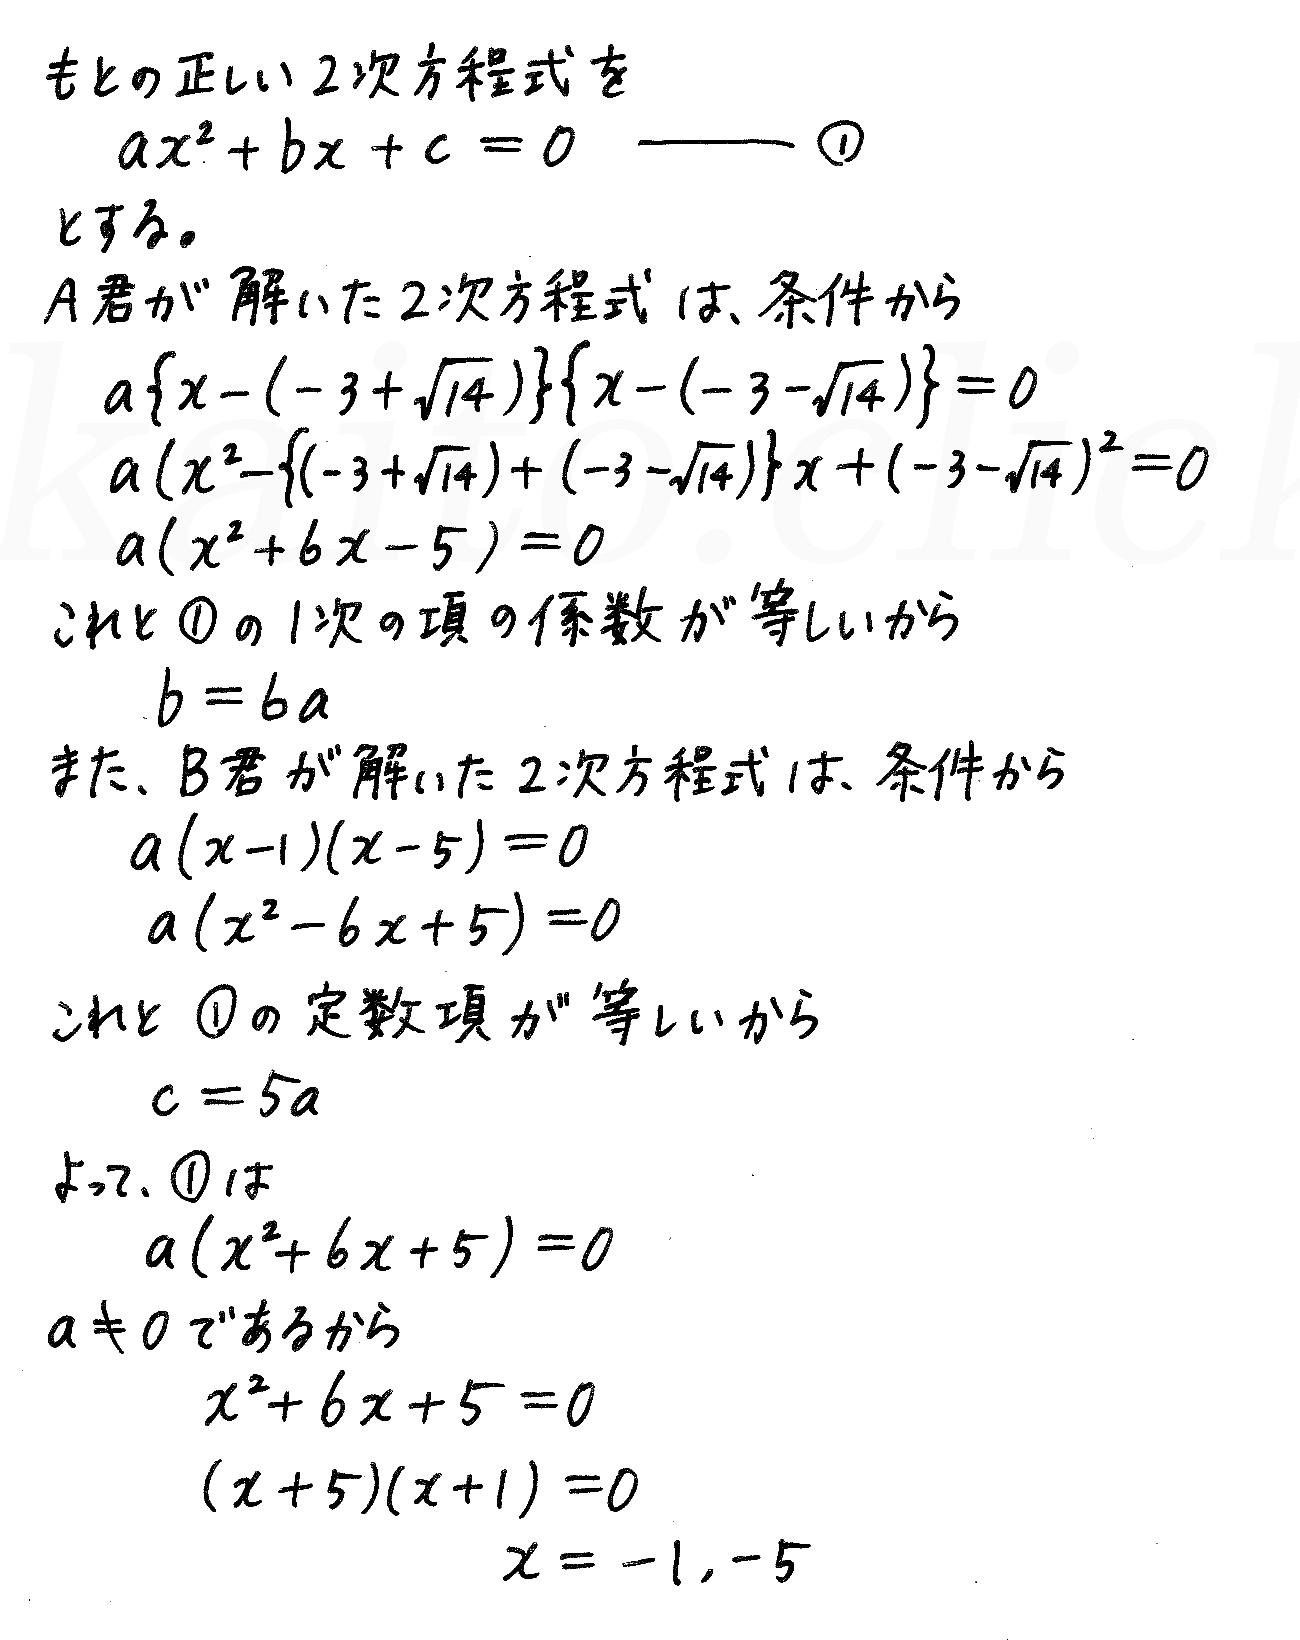 4step 数 2 数研出版 新課程 4STEP数学Ⅱ